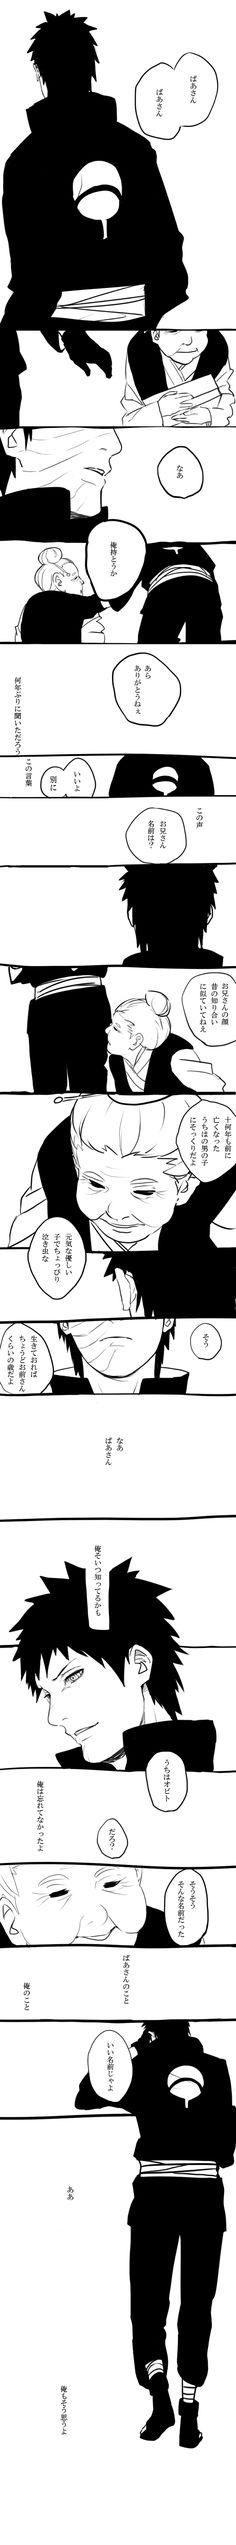 Obito                                                                                                                                                      More